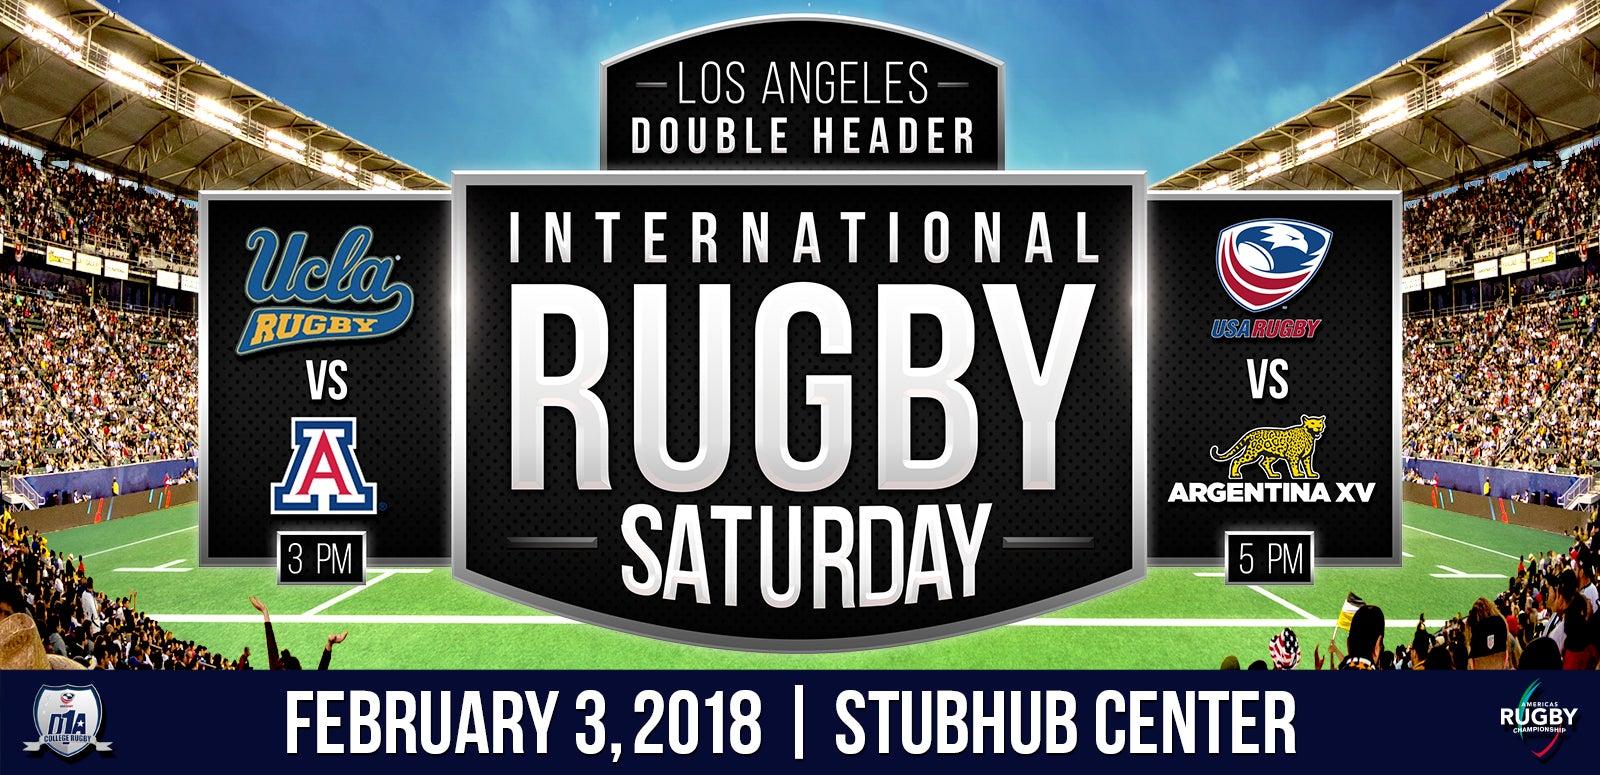 International Rugby Saturday